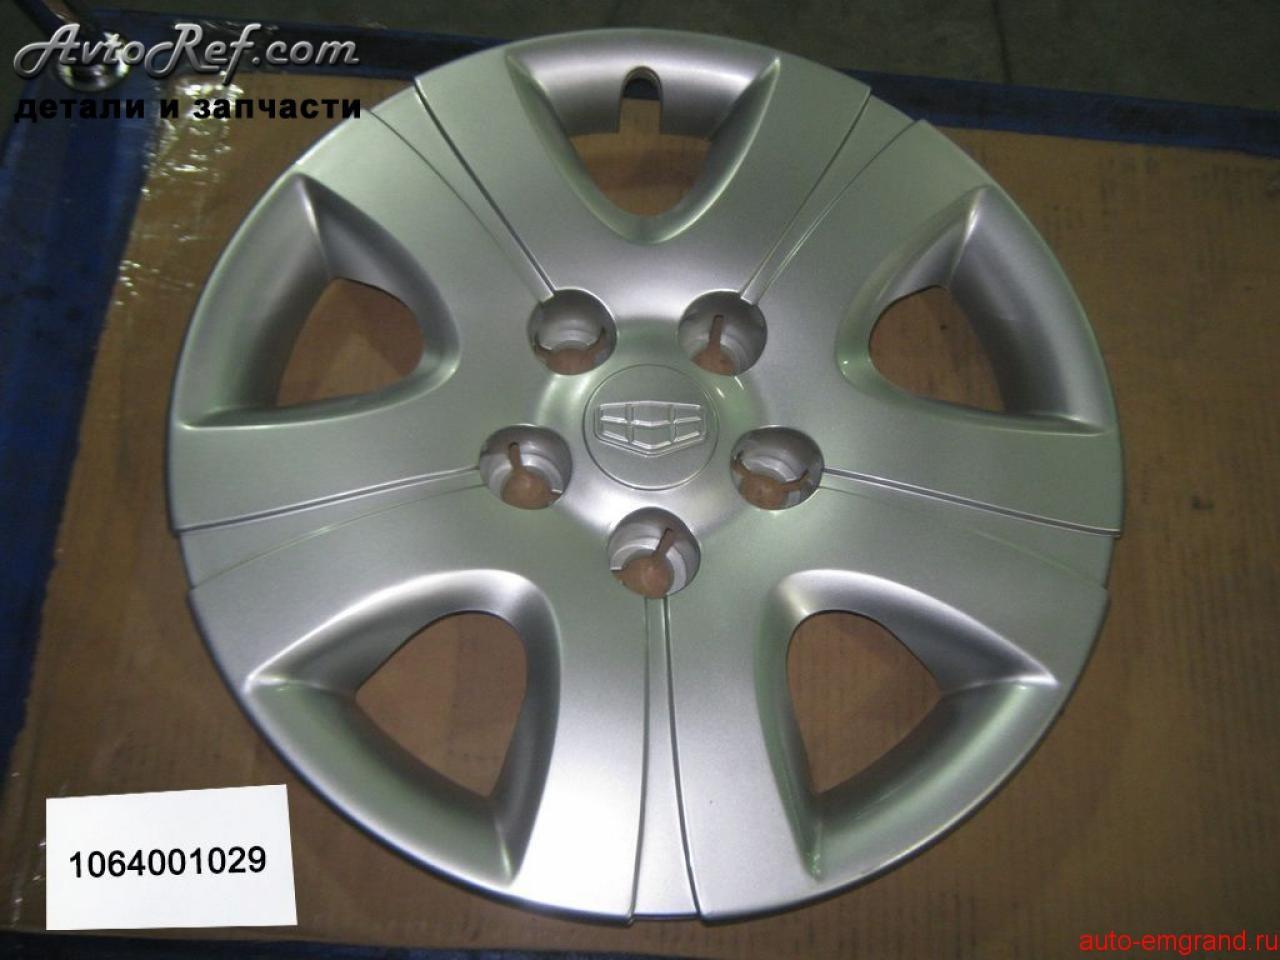 1064001029 — Оригинальный Колпак колеса Geely Emgrand EC7